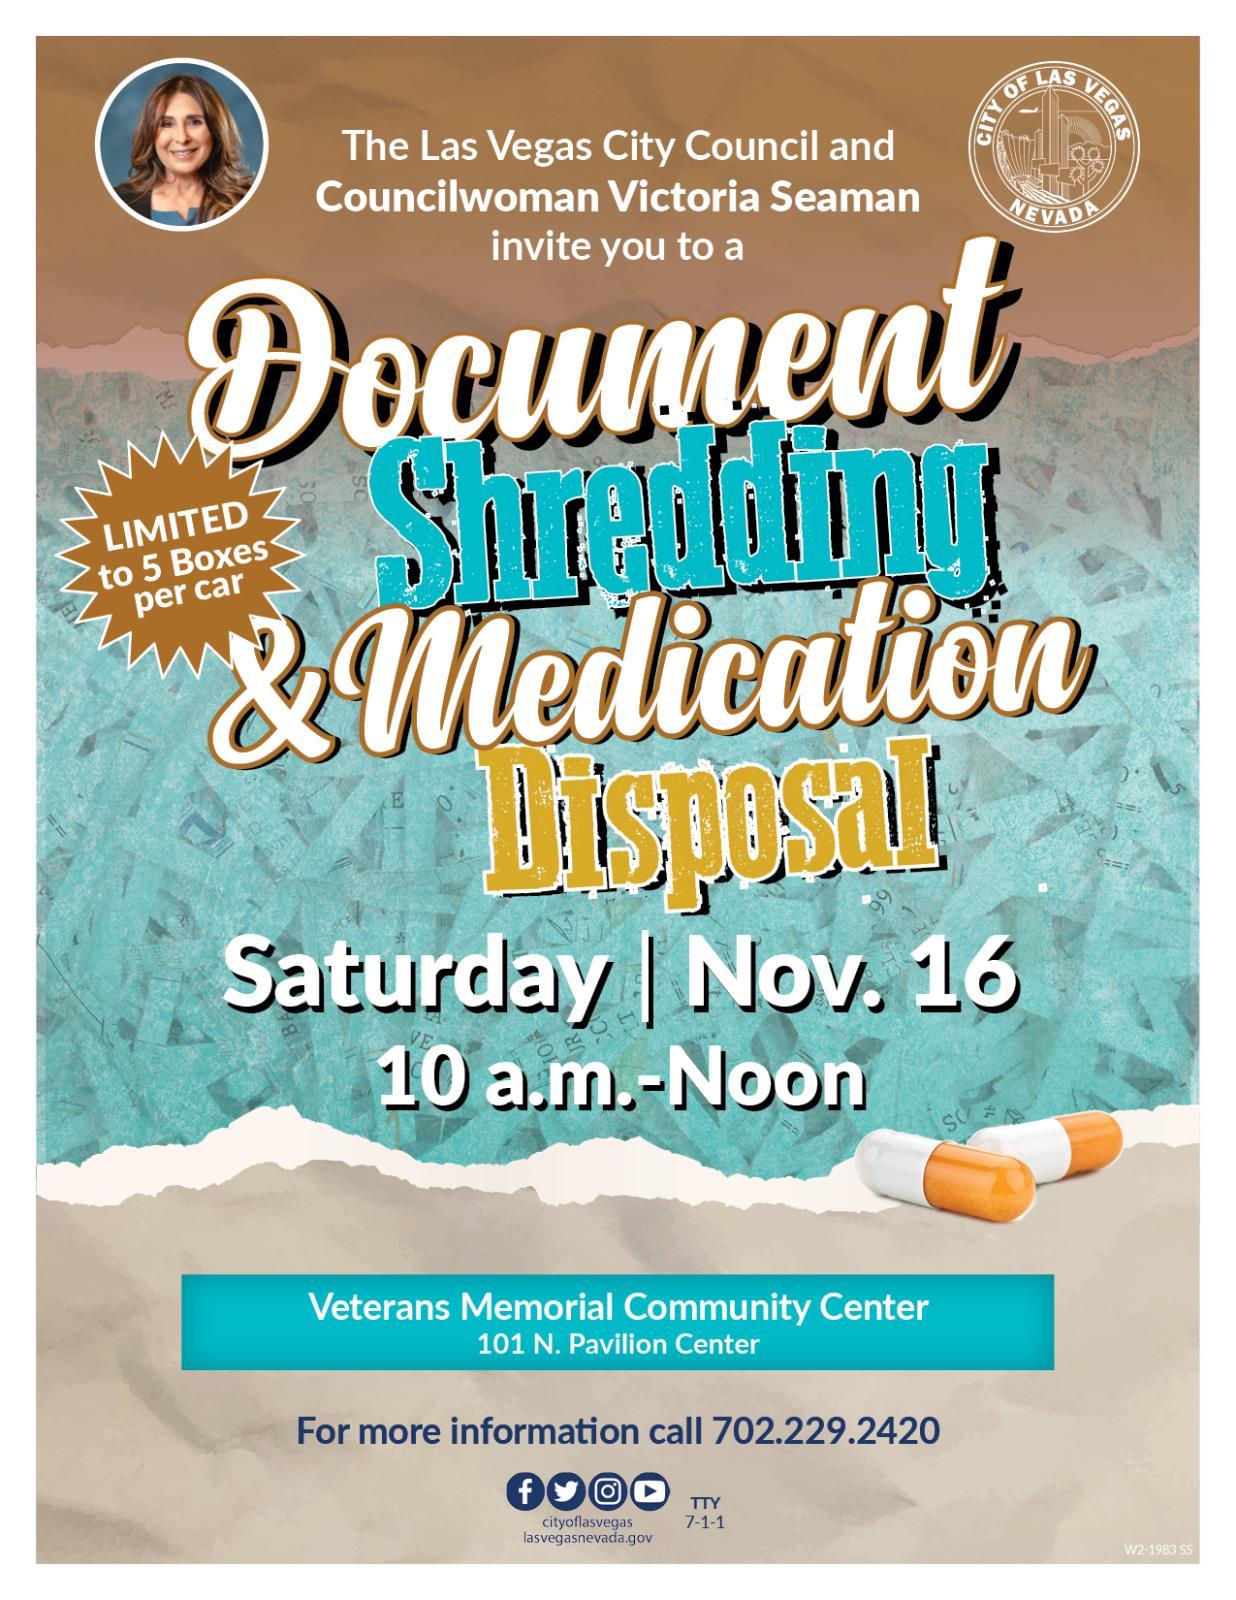 Ward 2 Document Shredding & Med Disposal Nov-16-19.jpg